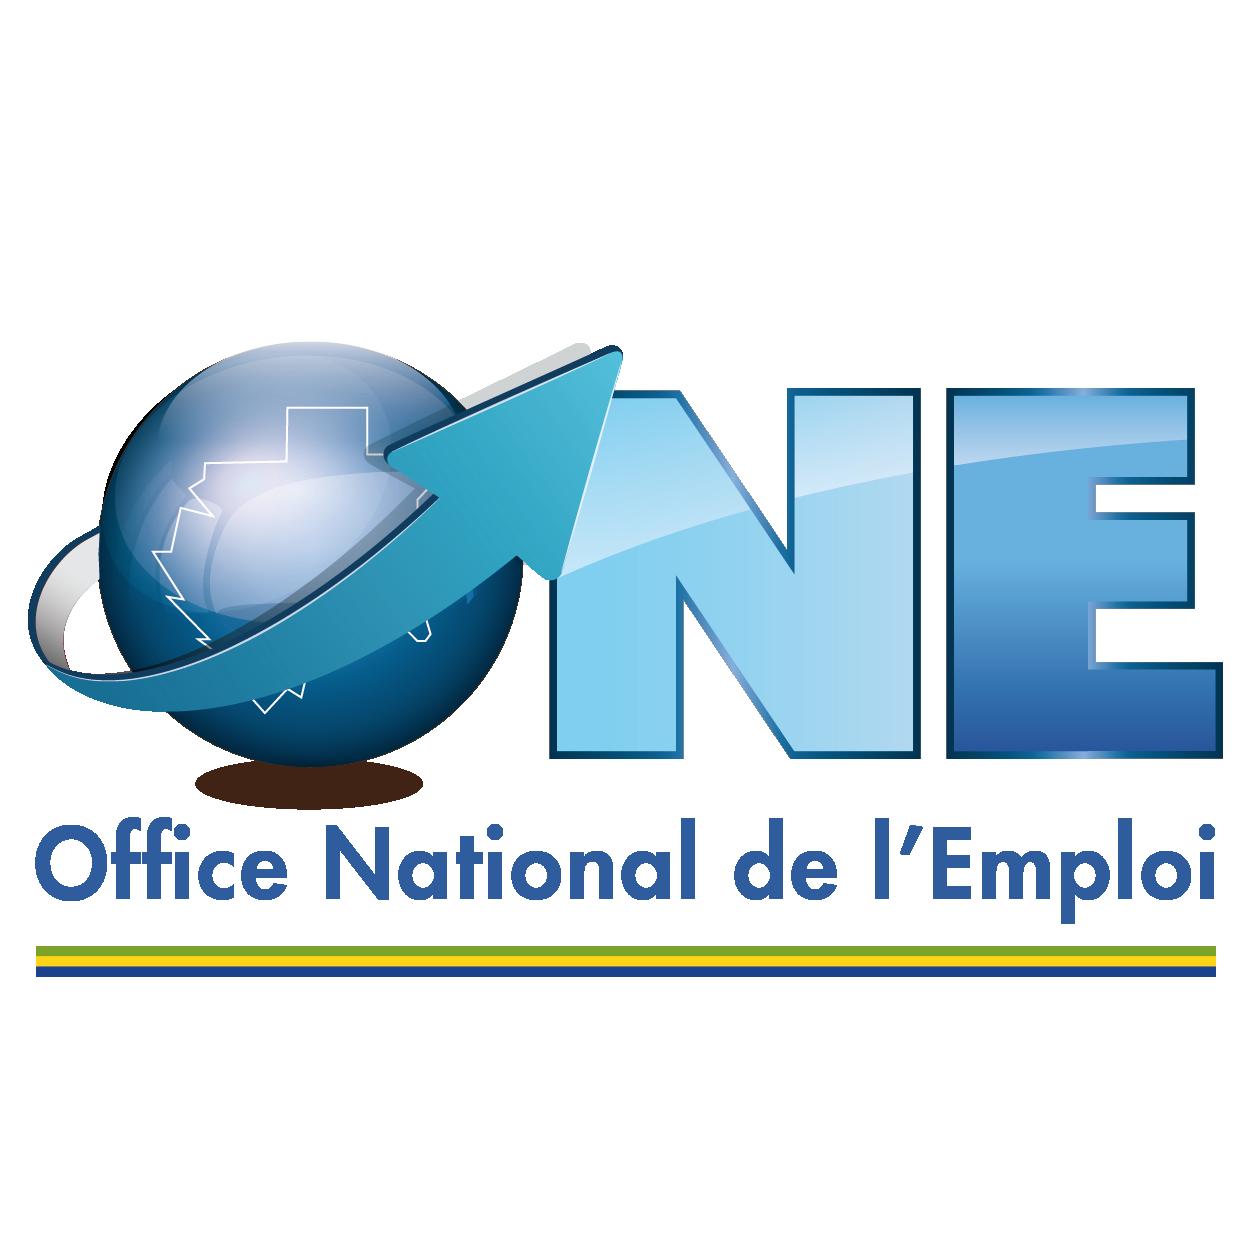 OFFICE NATIONAL DE L'EMPLOI